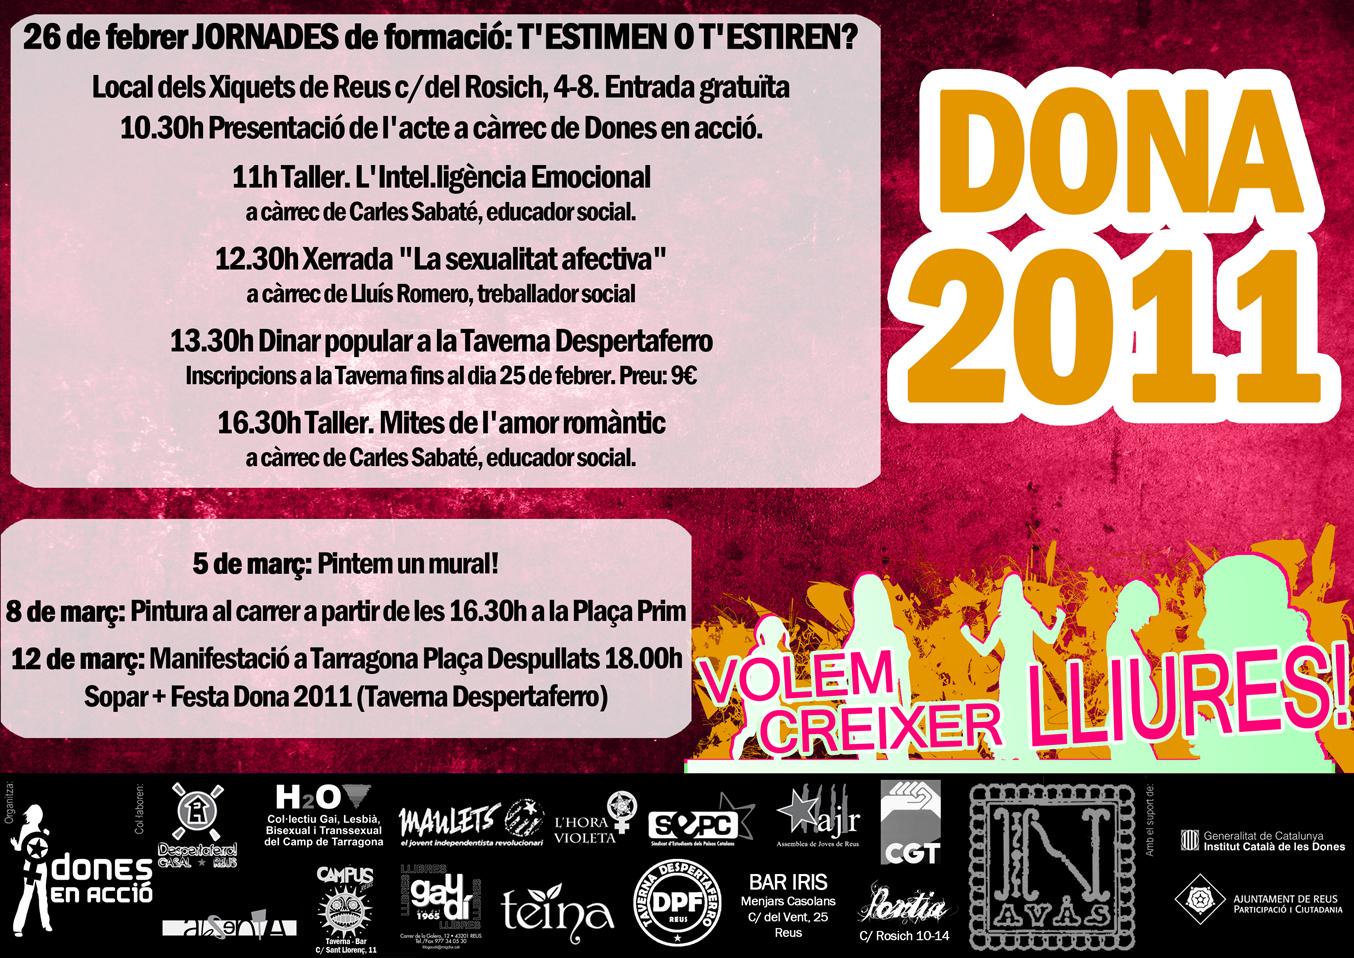 dona 2011 jornades